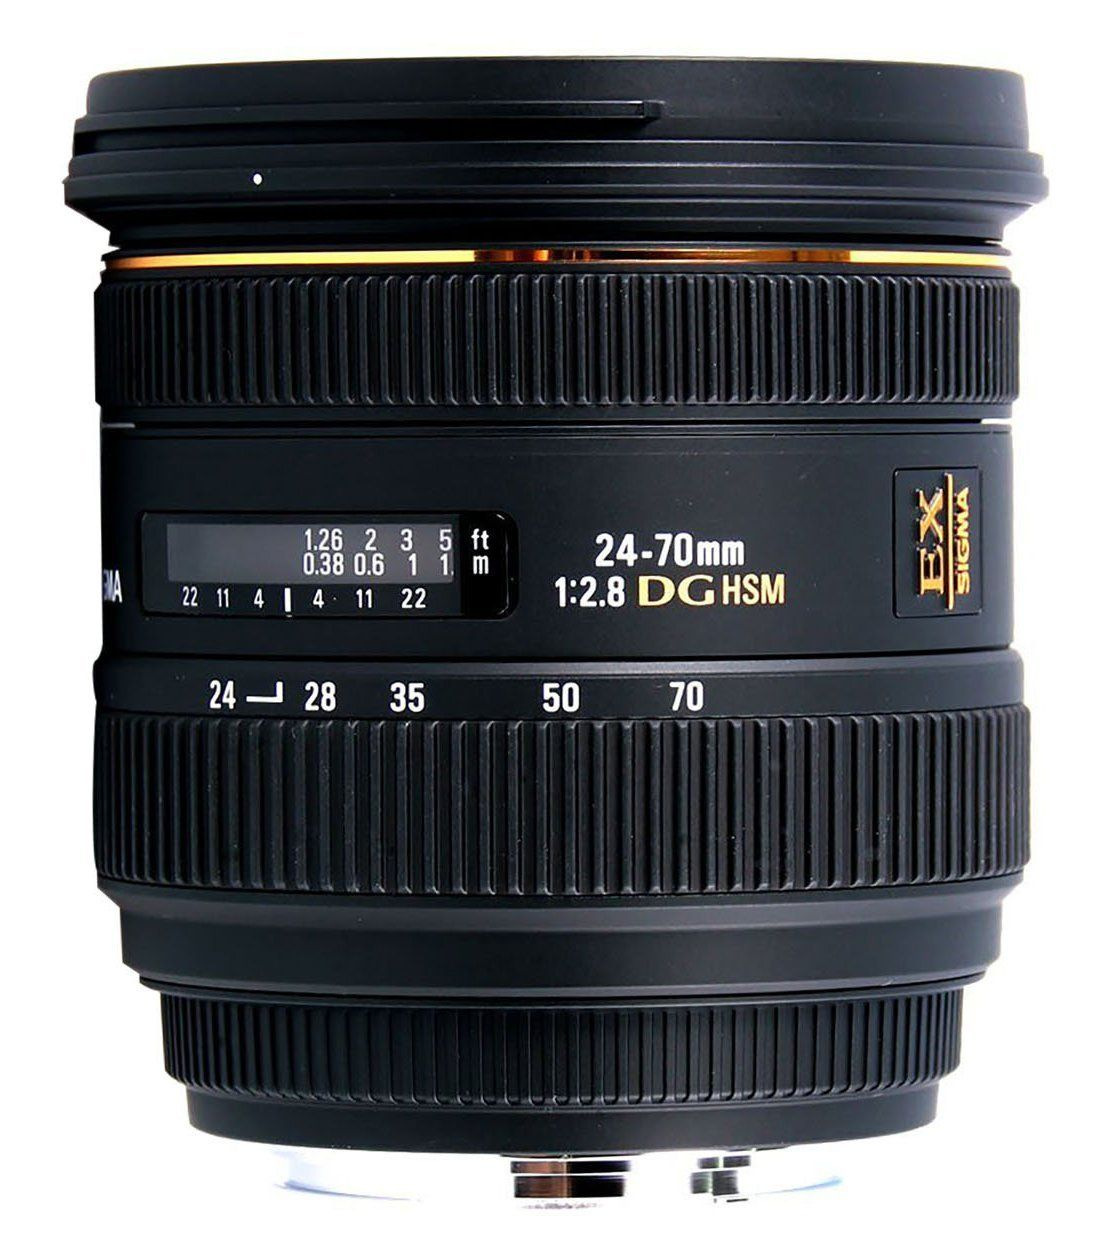 Amazon Com Sigma 24 70mm F 2 8 If Ex Dg Hsm Af Standard Zoom Lens For Canon Digital Slr Cameras Digital Camera Lens Digital Slr Camera Canon Digital Camera